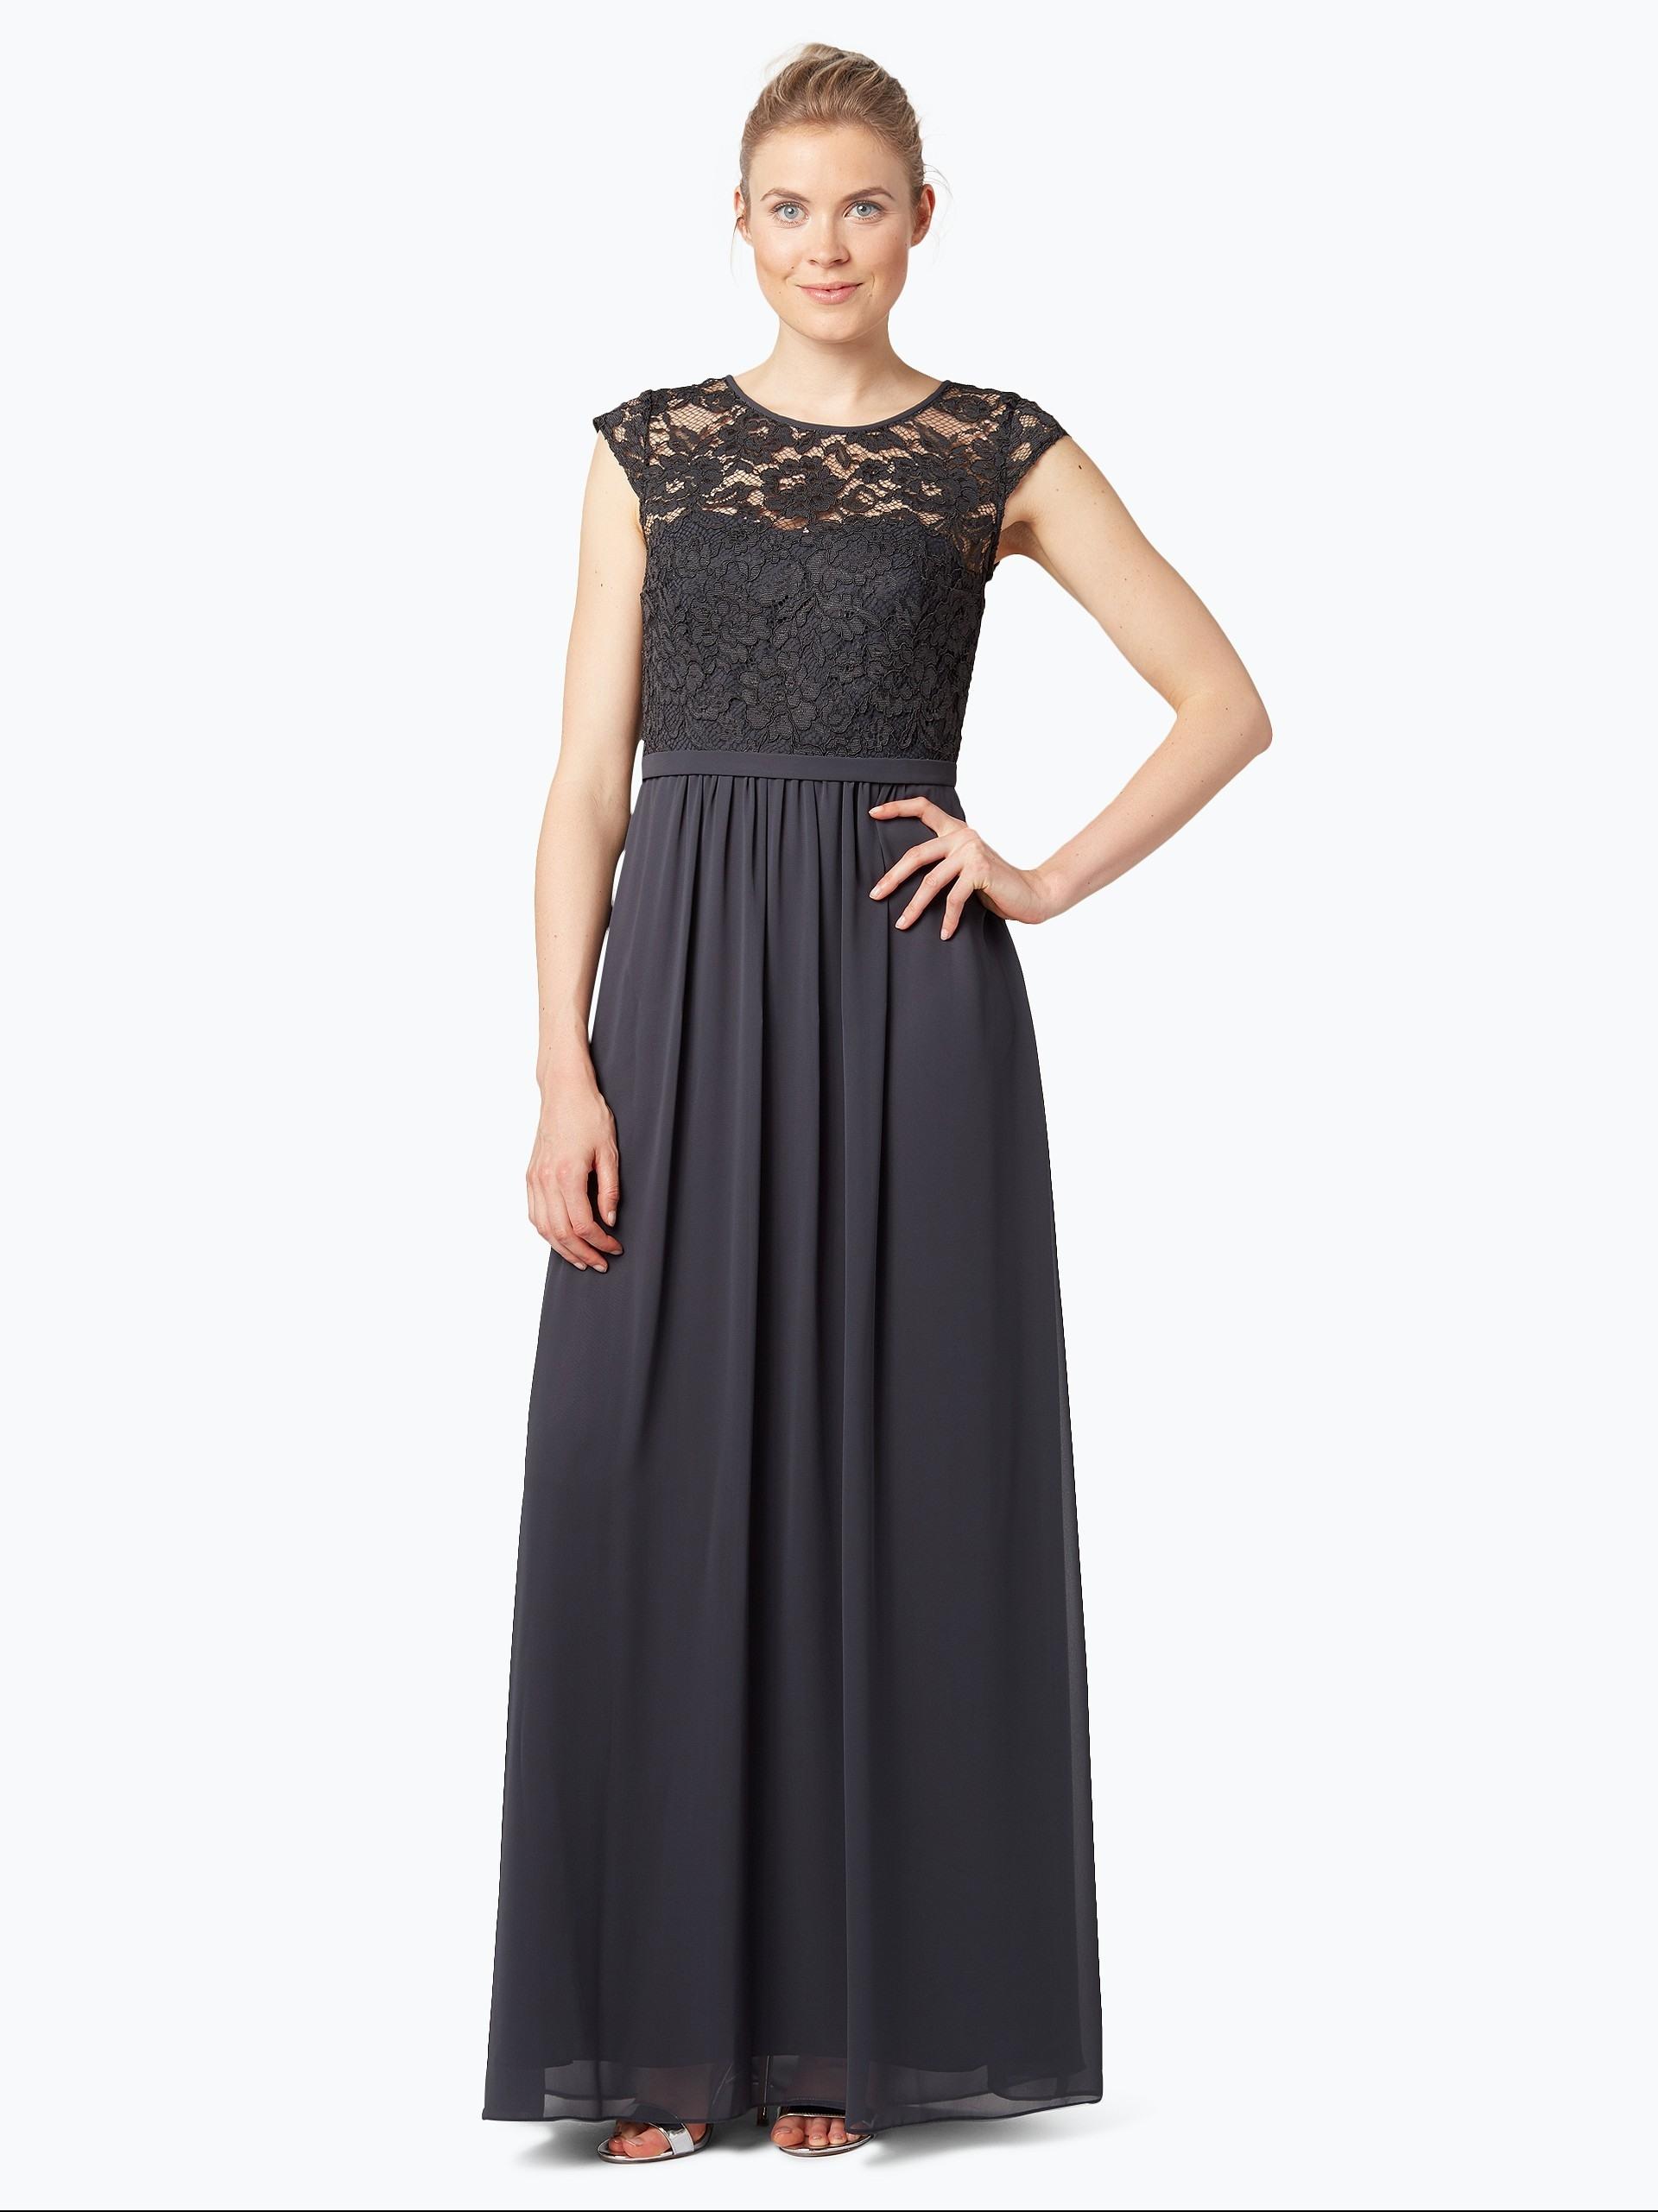 Luxus Abendkleider Bestellen In Deutschland Vertrieb17 Fantastisch Abendkleider Bestellen In Deutschland Vertrieb